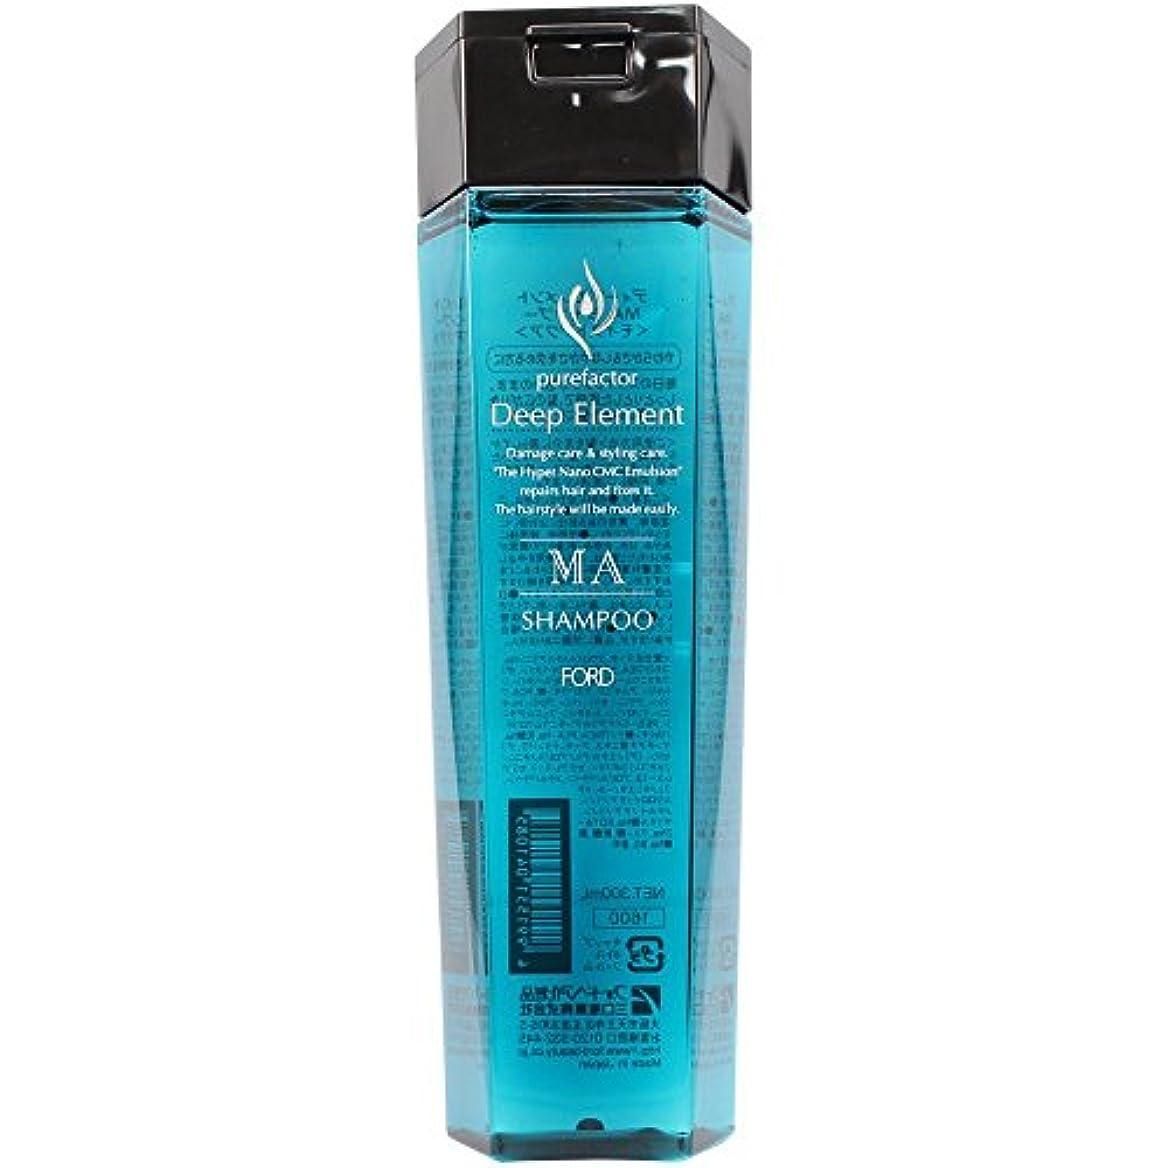 熱意テンポイタリックフォードヘア化粧品 ディープエレメント MA シャンプー 300ml